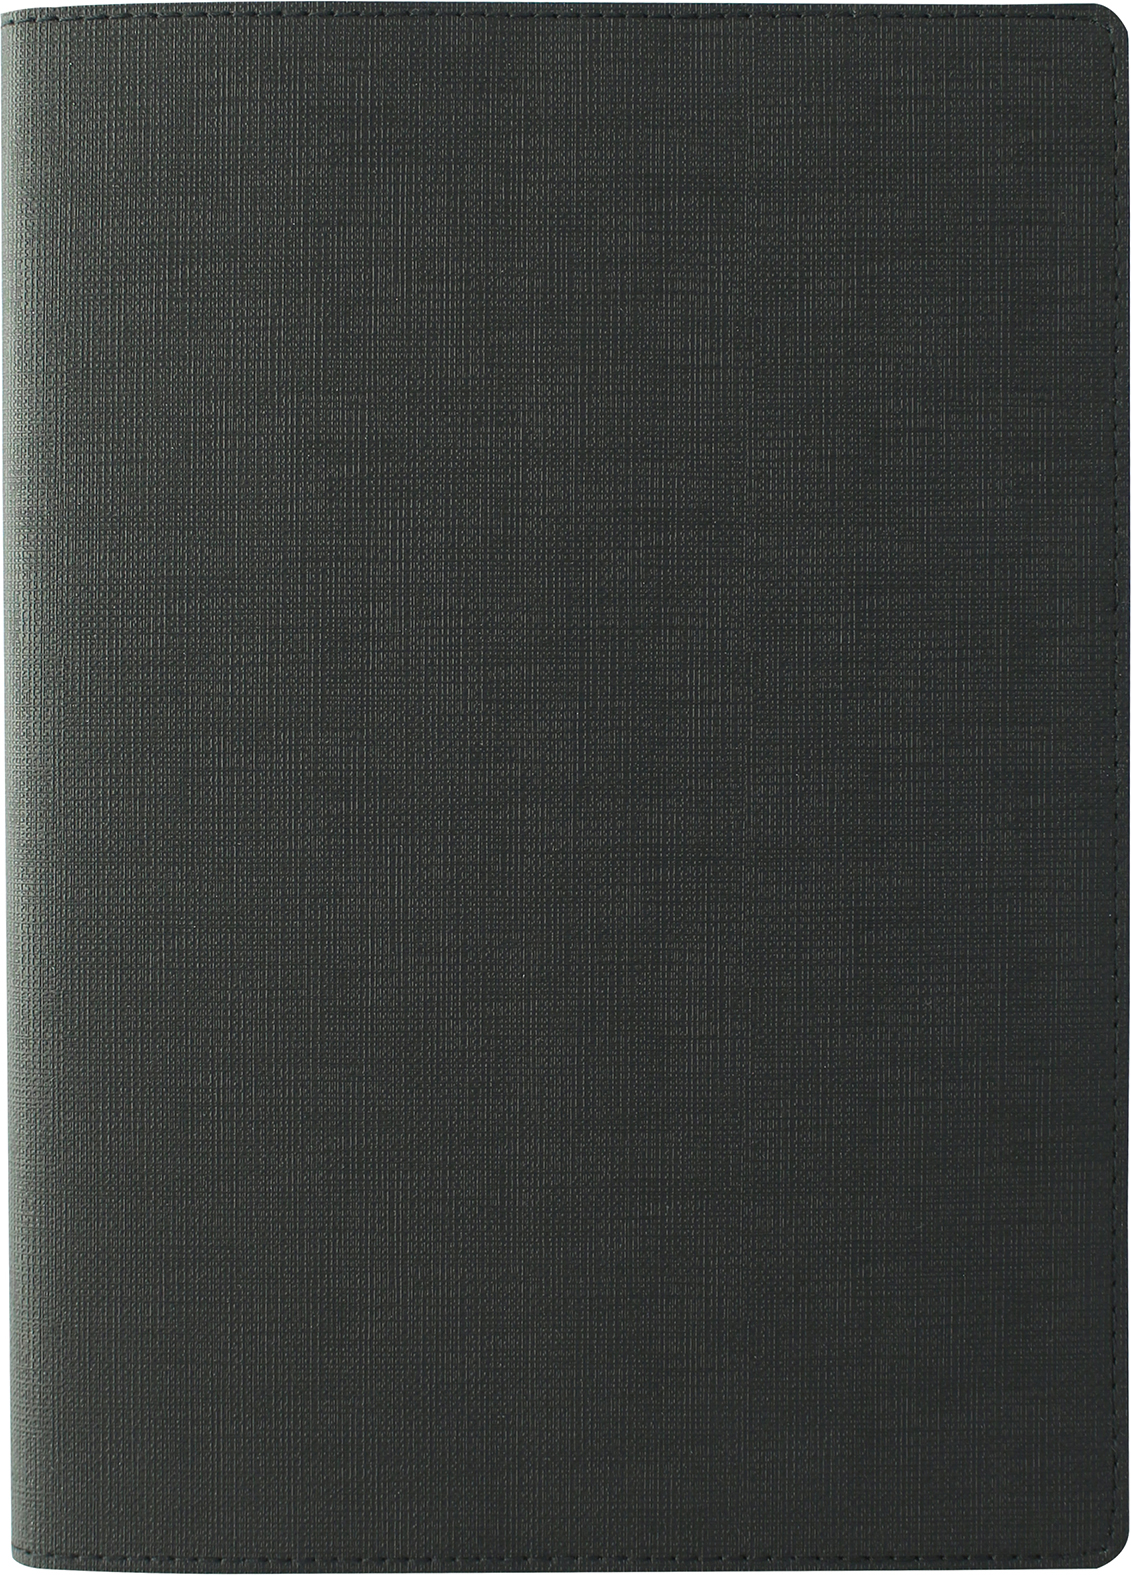 LIBRETA KOKUYO B5